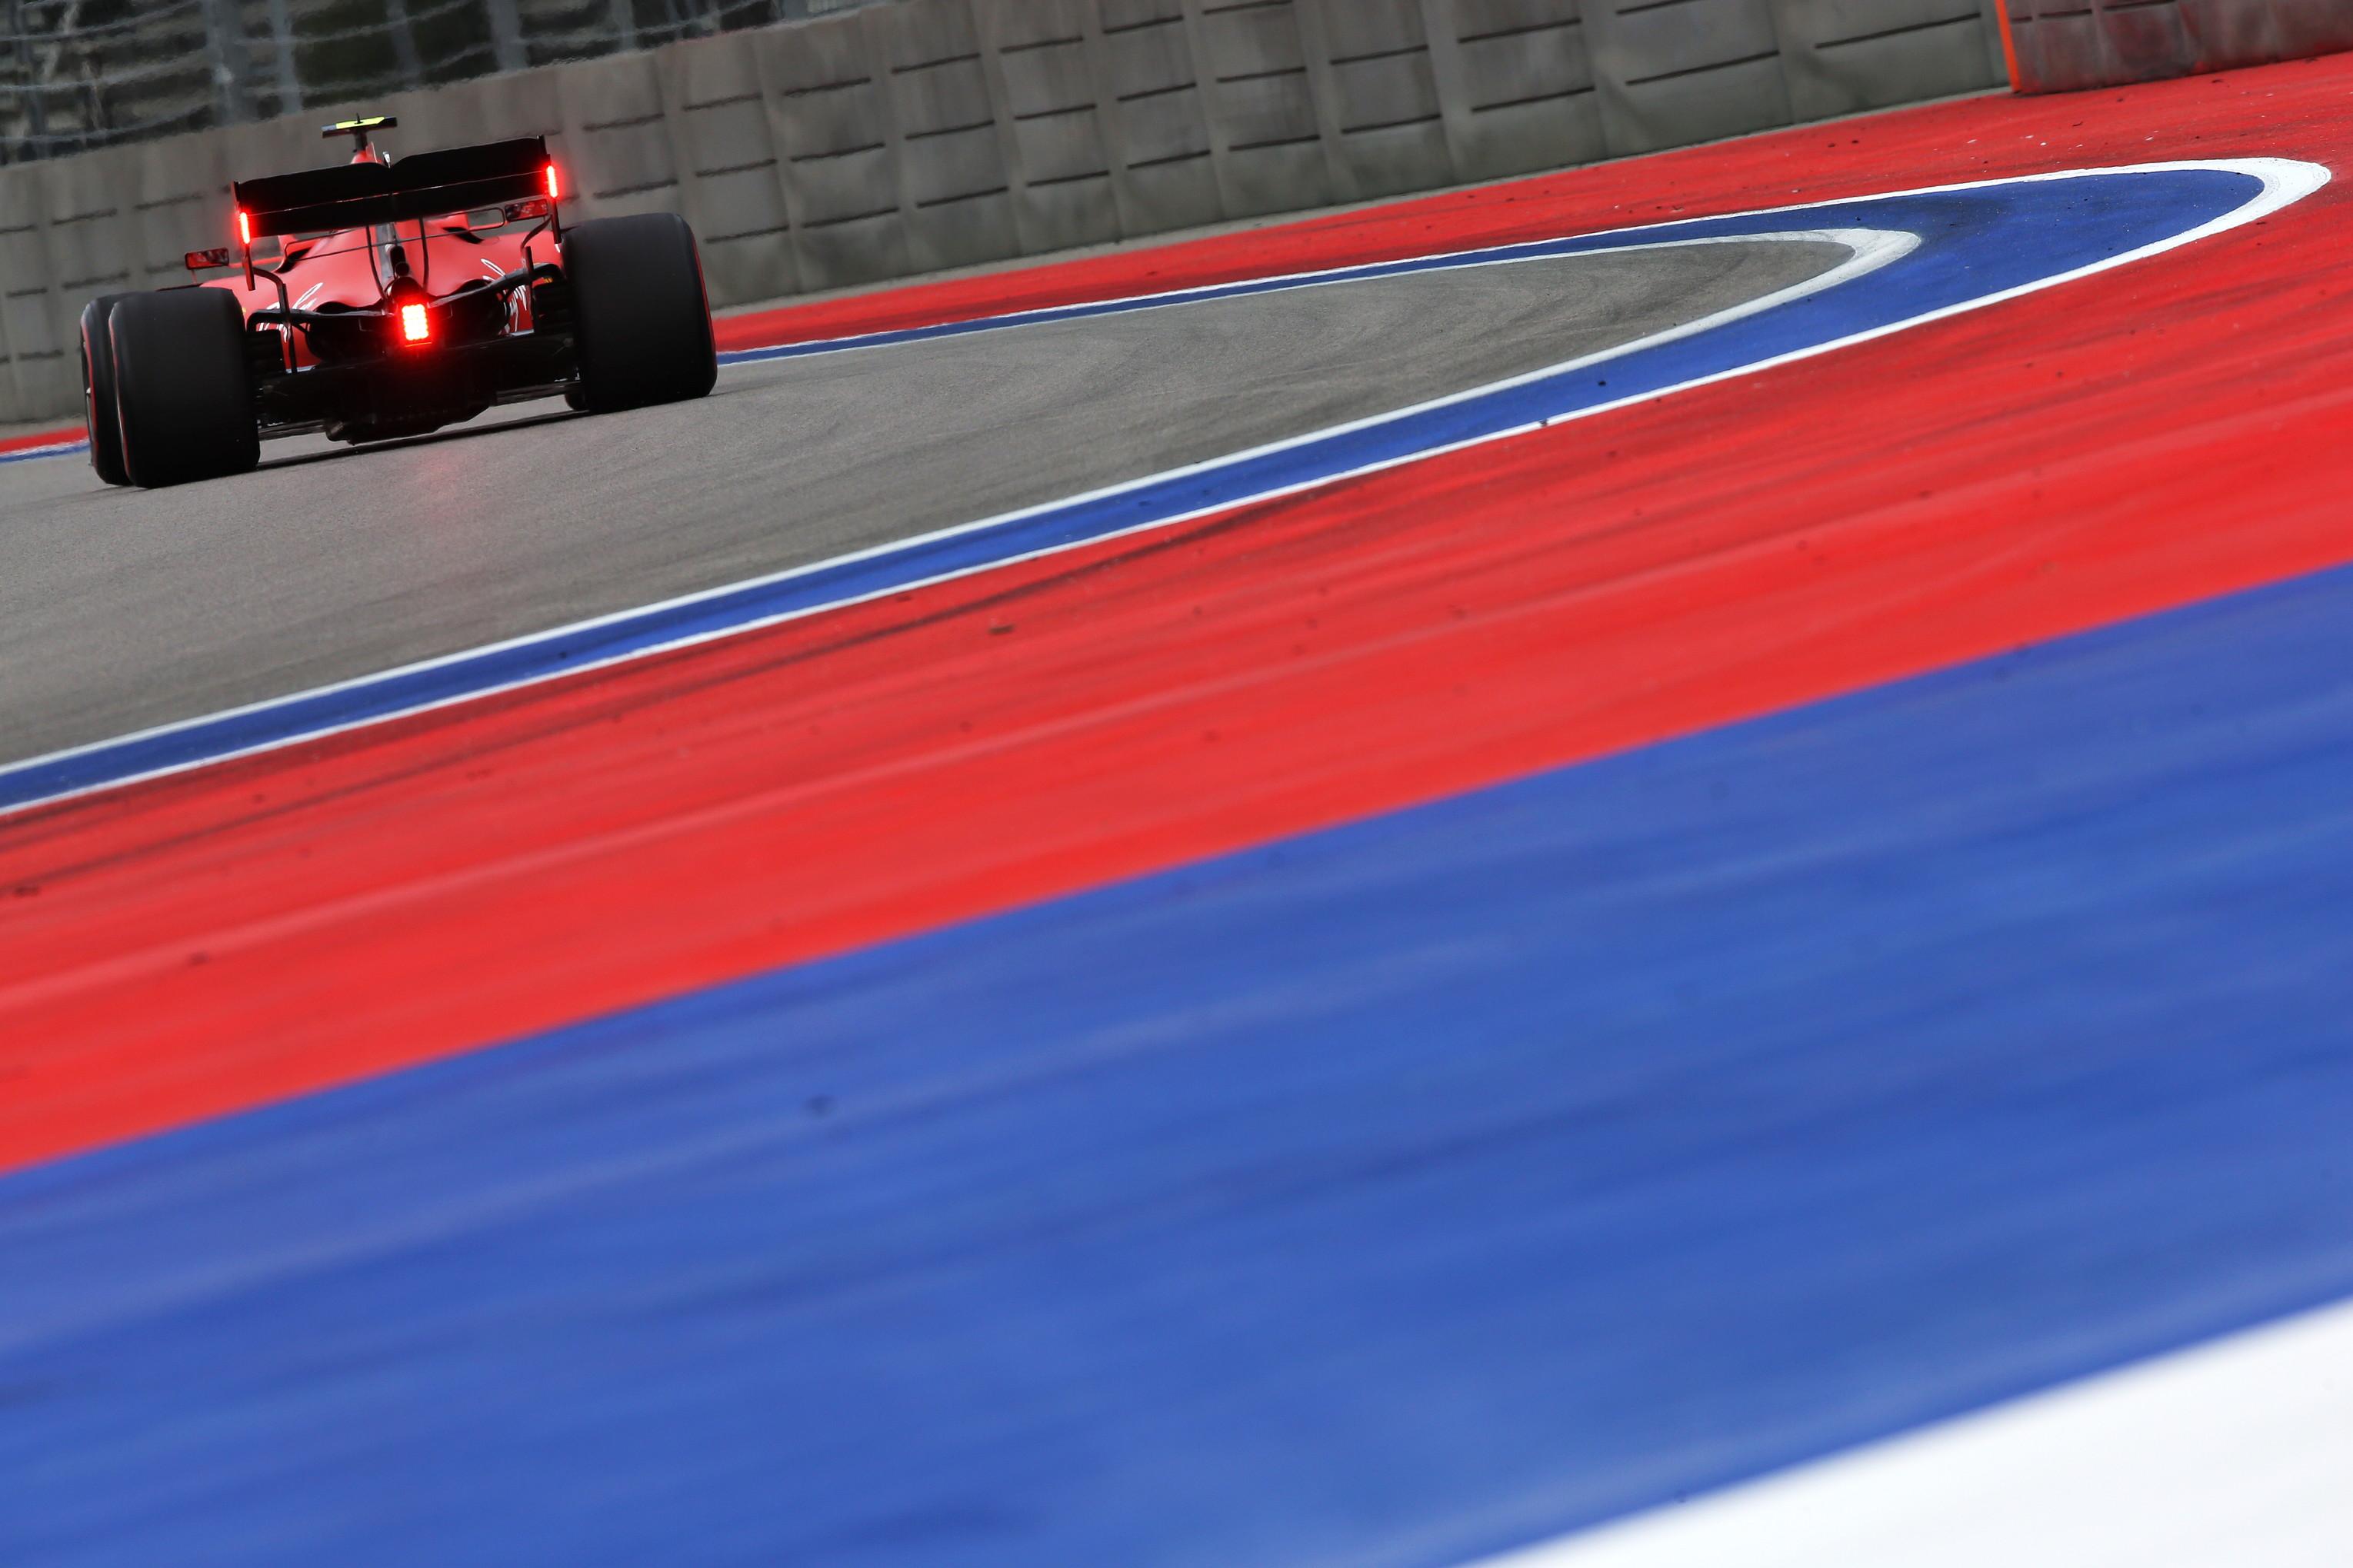 Quarta pole di fila per il monegasco a Sochi, a un pilota Ferrari non accadeva dai tempi di Schumacher<br /><br />